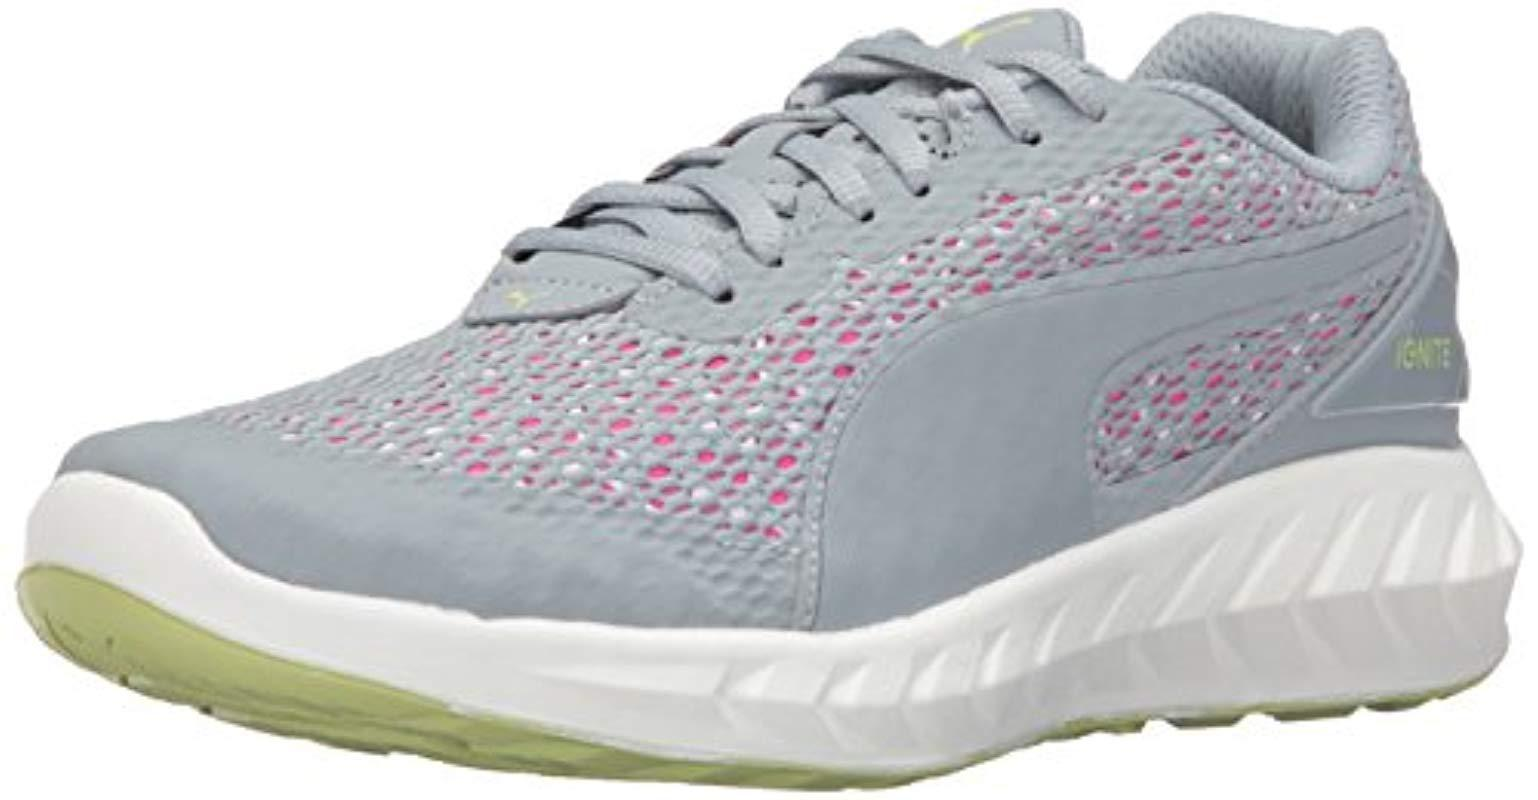 2e310008467b13 PUMA. Women s Ignite Ultimate Layered Wn s Running Shoe